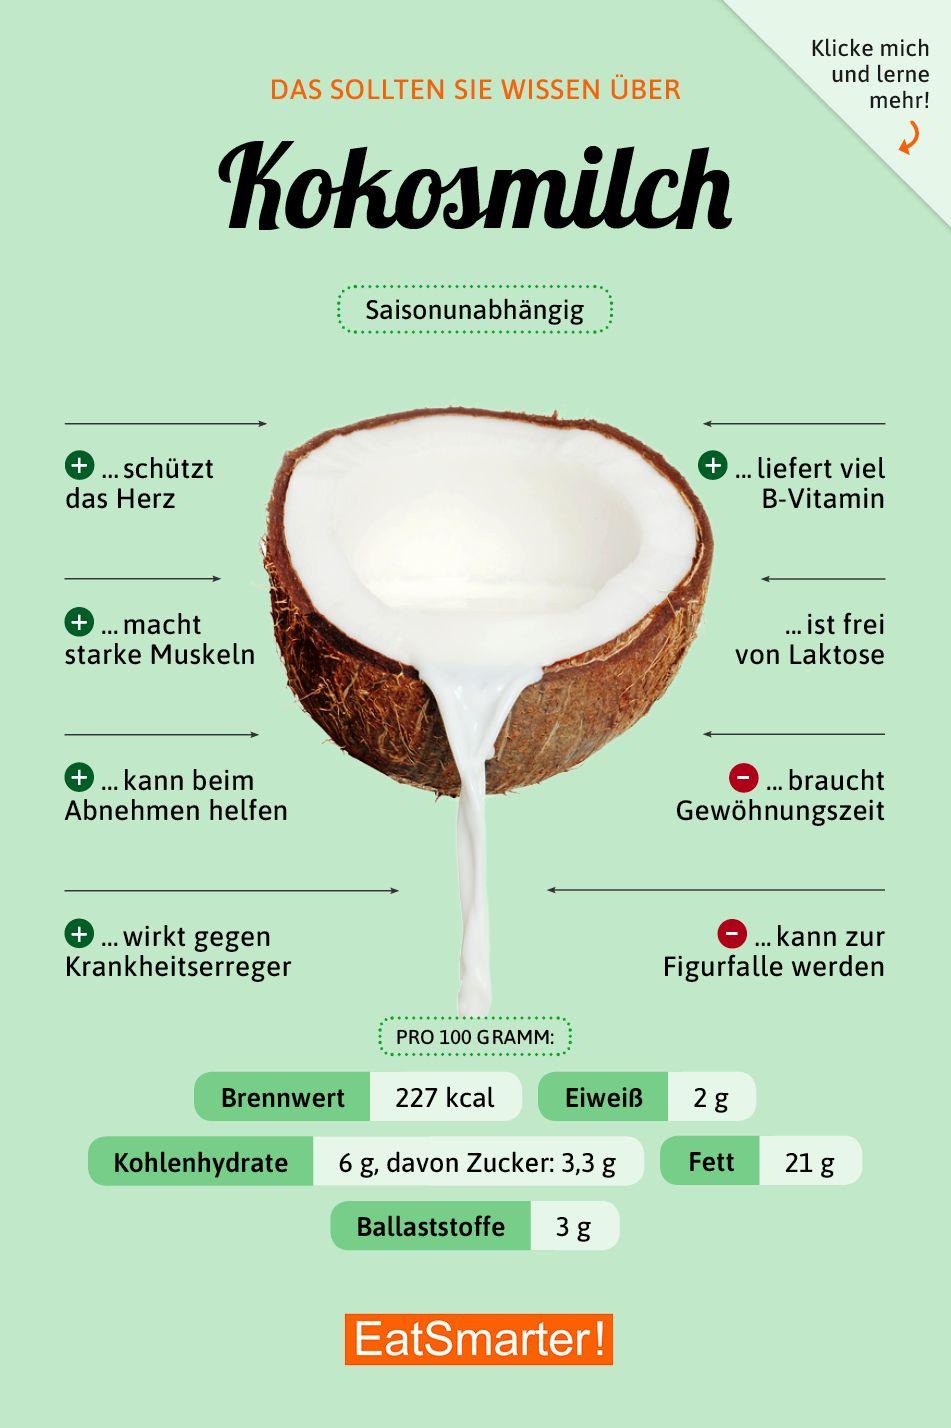 Das solltest du über Kokosmilch wissen | eatsmarter.de #ernährung #infografik #kokosmilch #vitamins